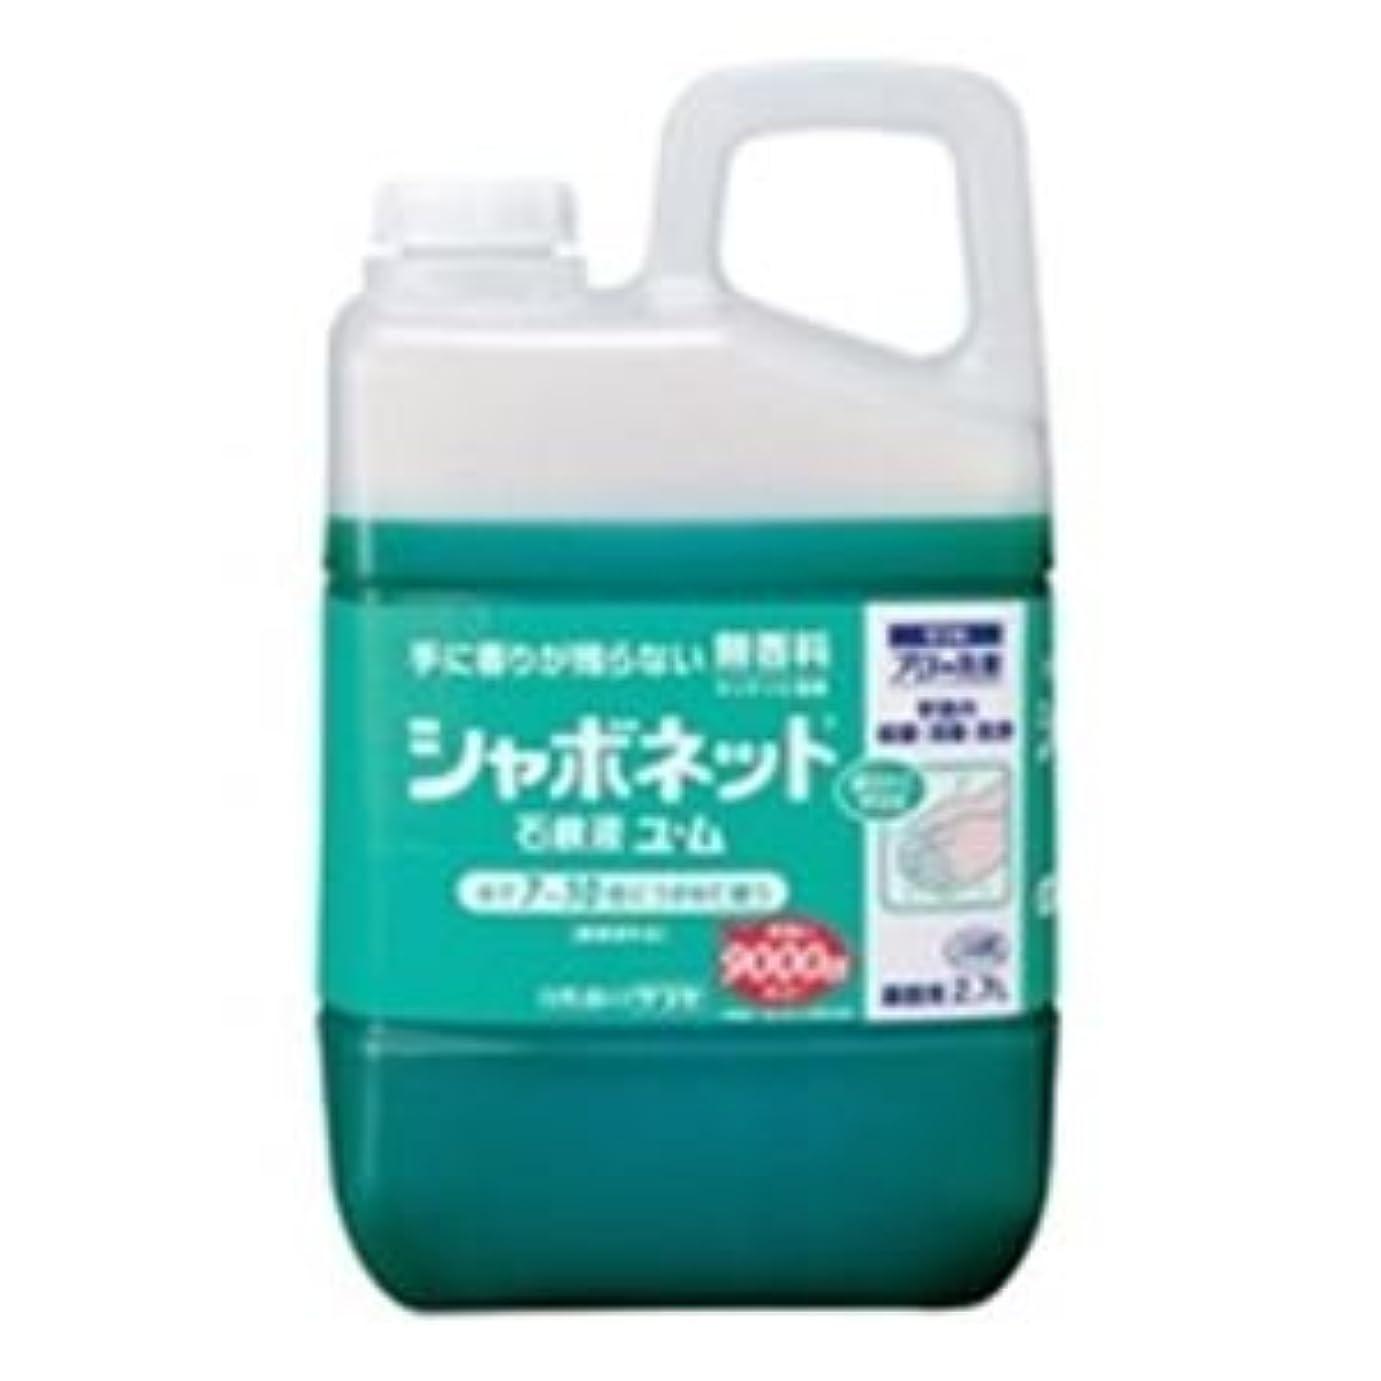 天井マルコポーロカカドゥ( お徳用 5セット ) 東京サラヤ シャボネット 石鹸液ユ?ム 2.7L